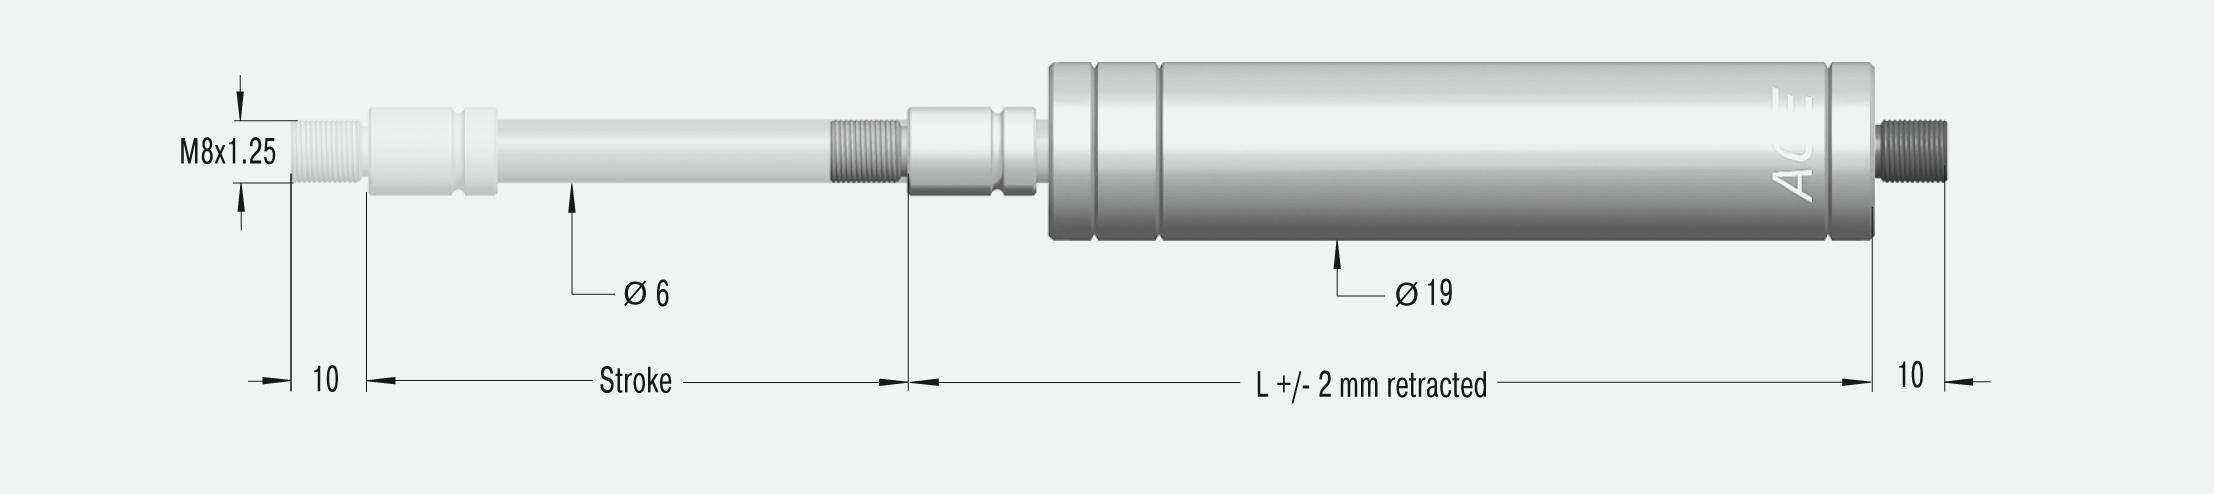 GZ-19-100-V4A